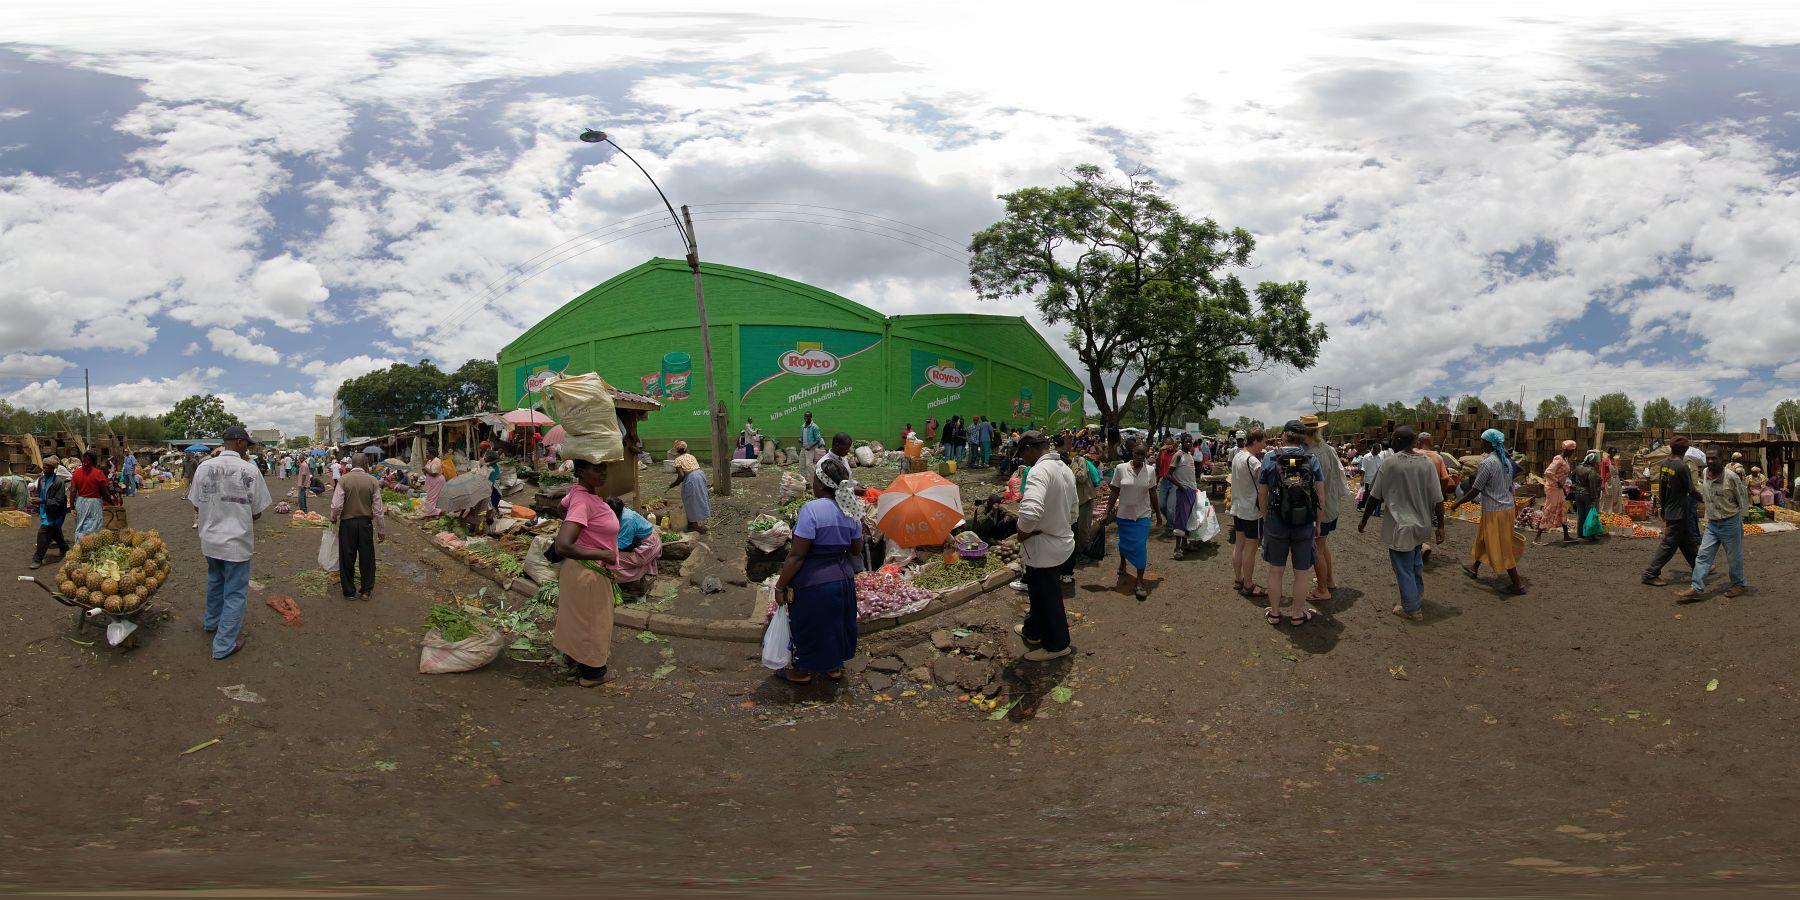 Panorama Kenia Nakuru Markt 1